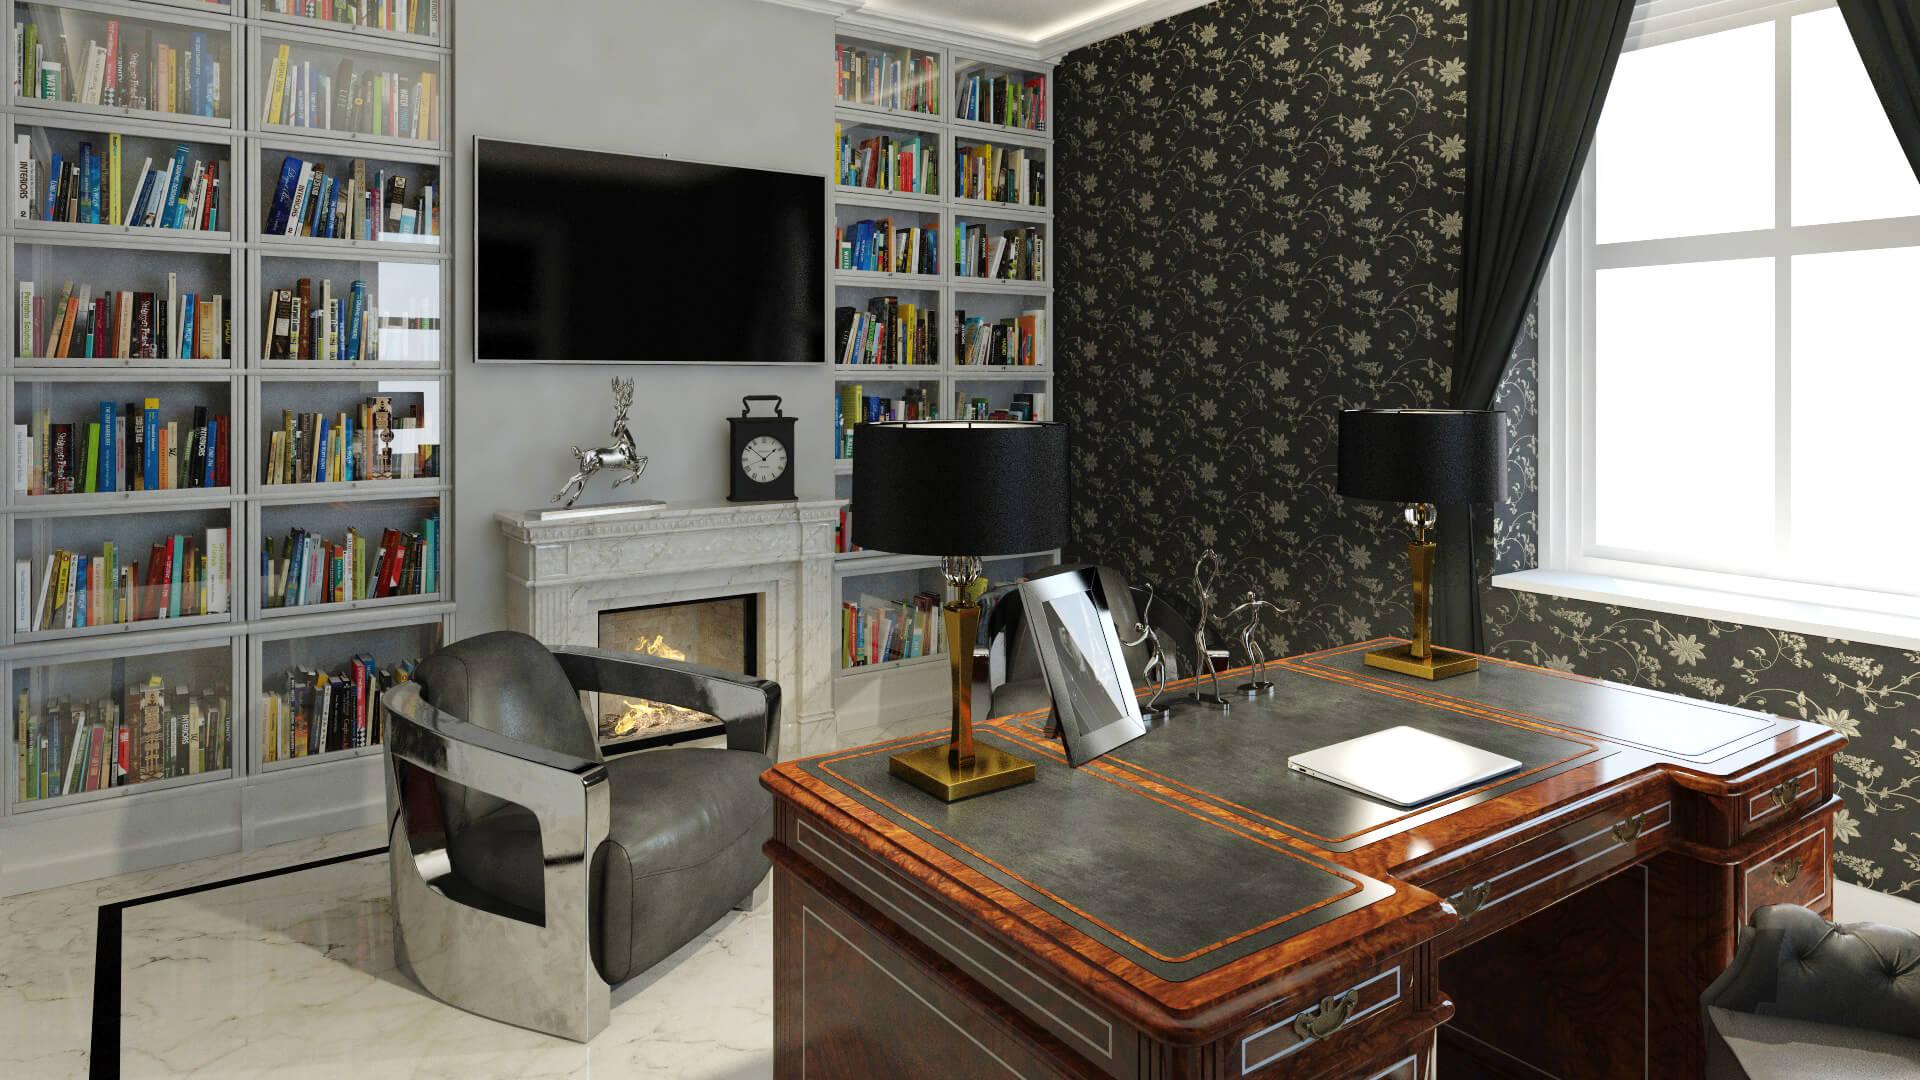 Herrenzimmer - Die Residenz des stilvollen Gentleman ...